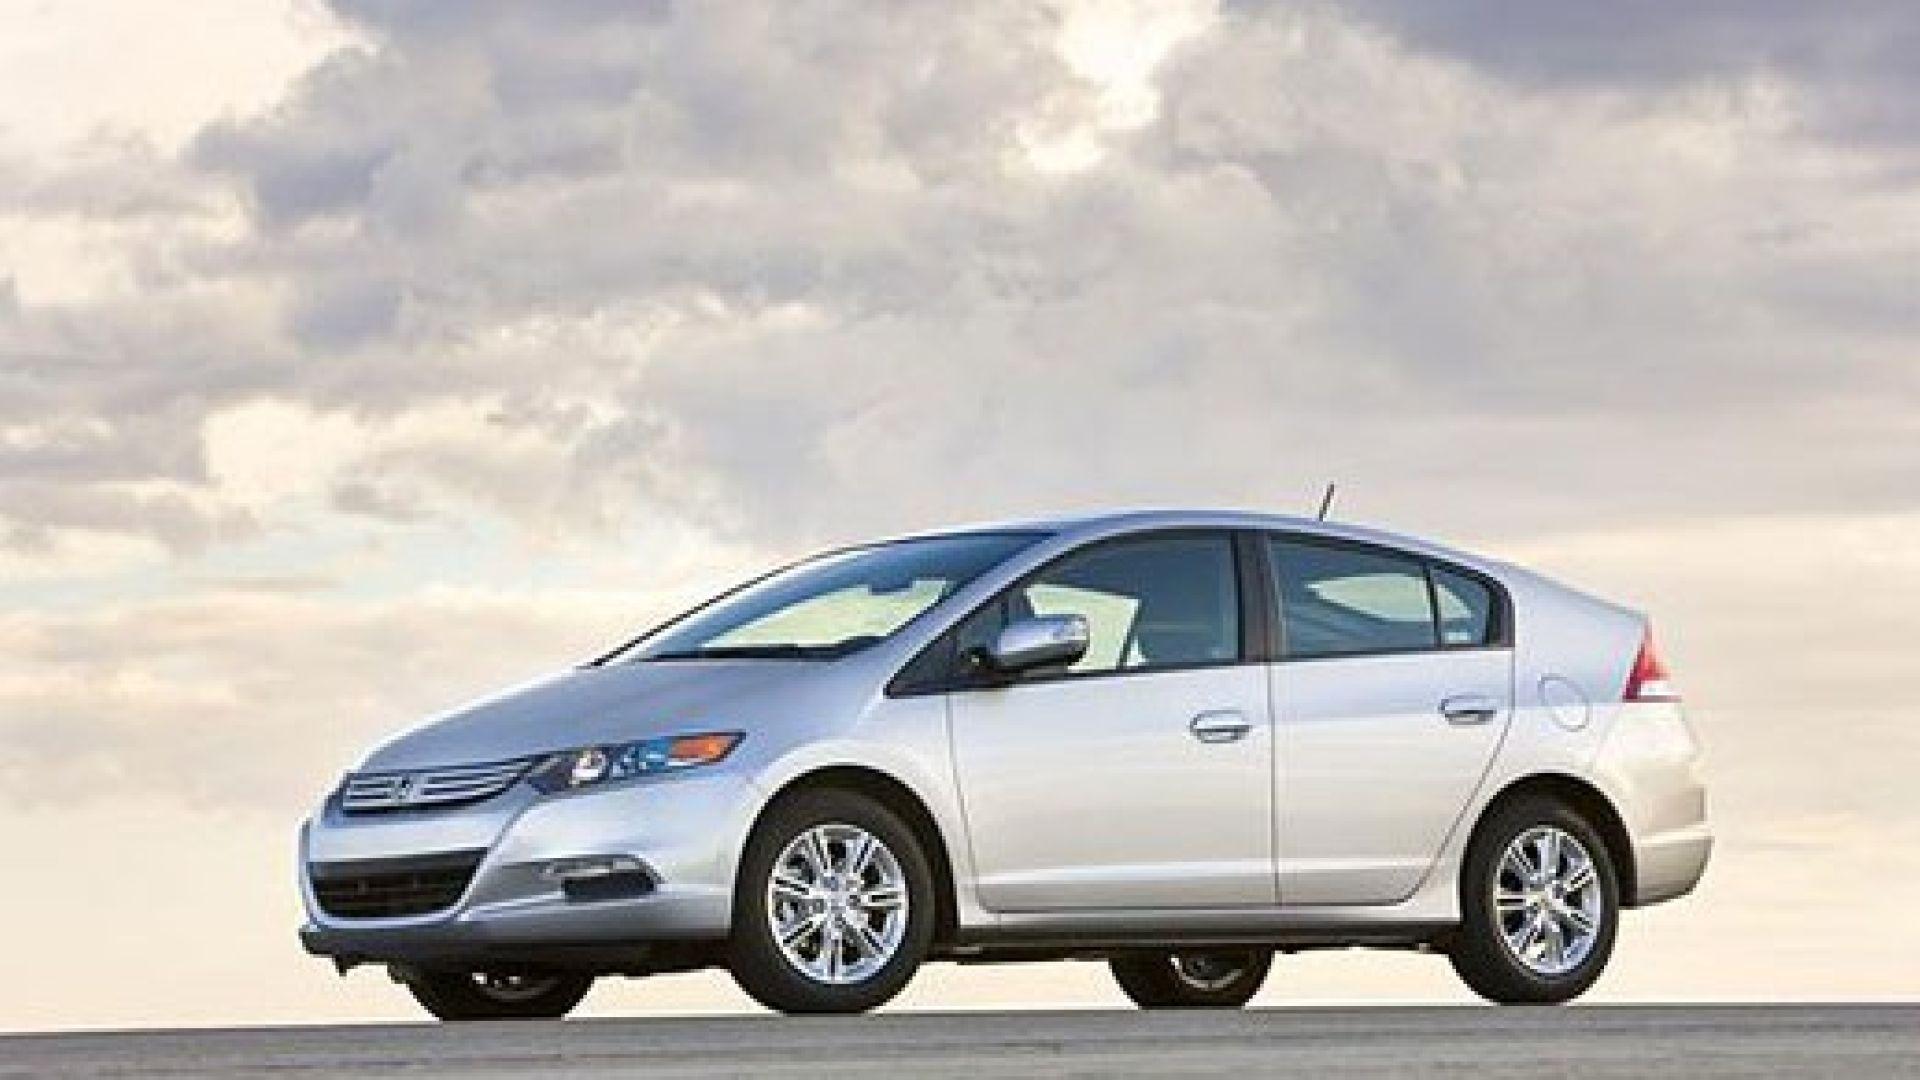 Immagine 4: I marchi auto più importanti del 2010